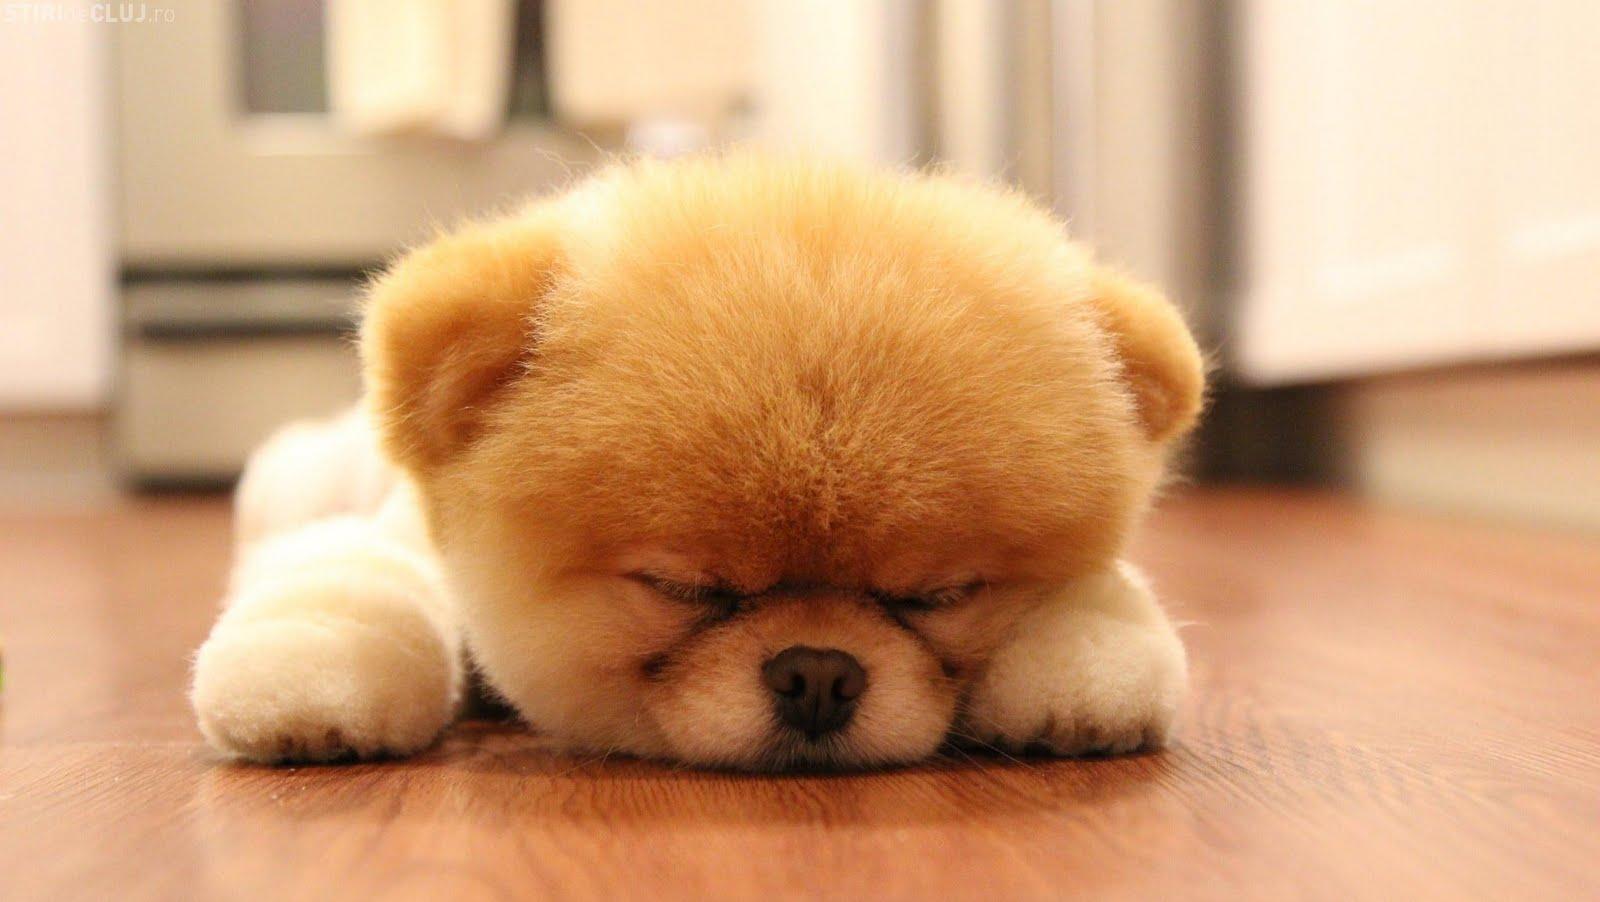 Waga i budowa pieska Boo Adorable Husky Puppy Sleeping